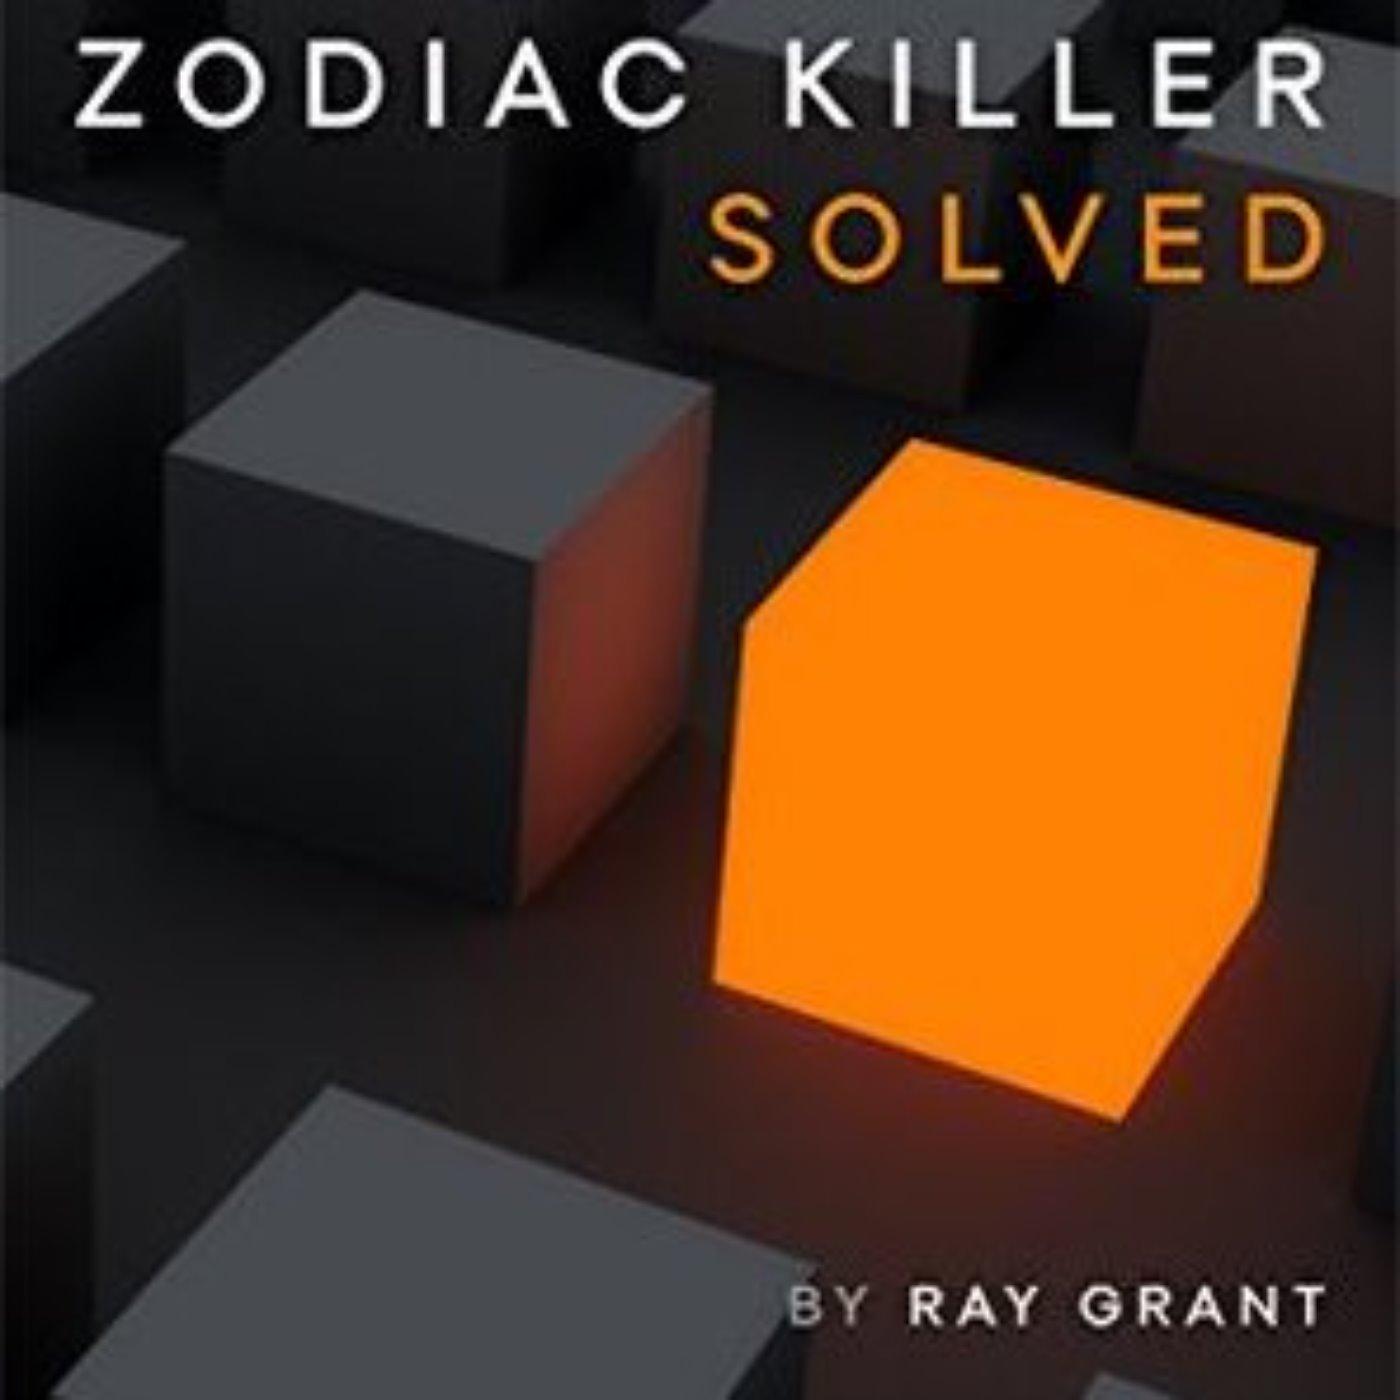 ZODIAC KILLER SOLVED - RAY GRANT 2015